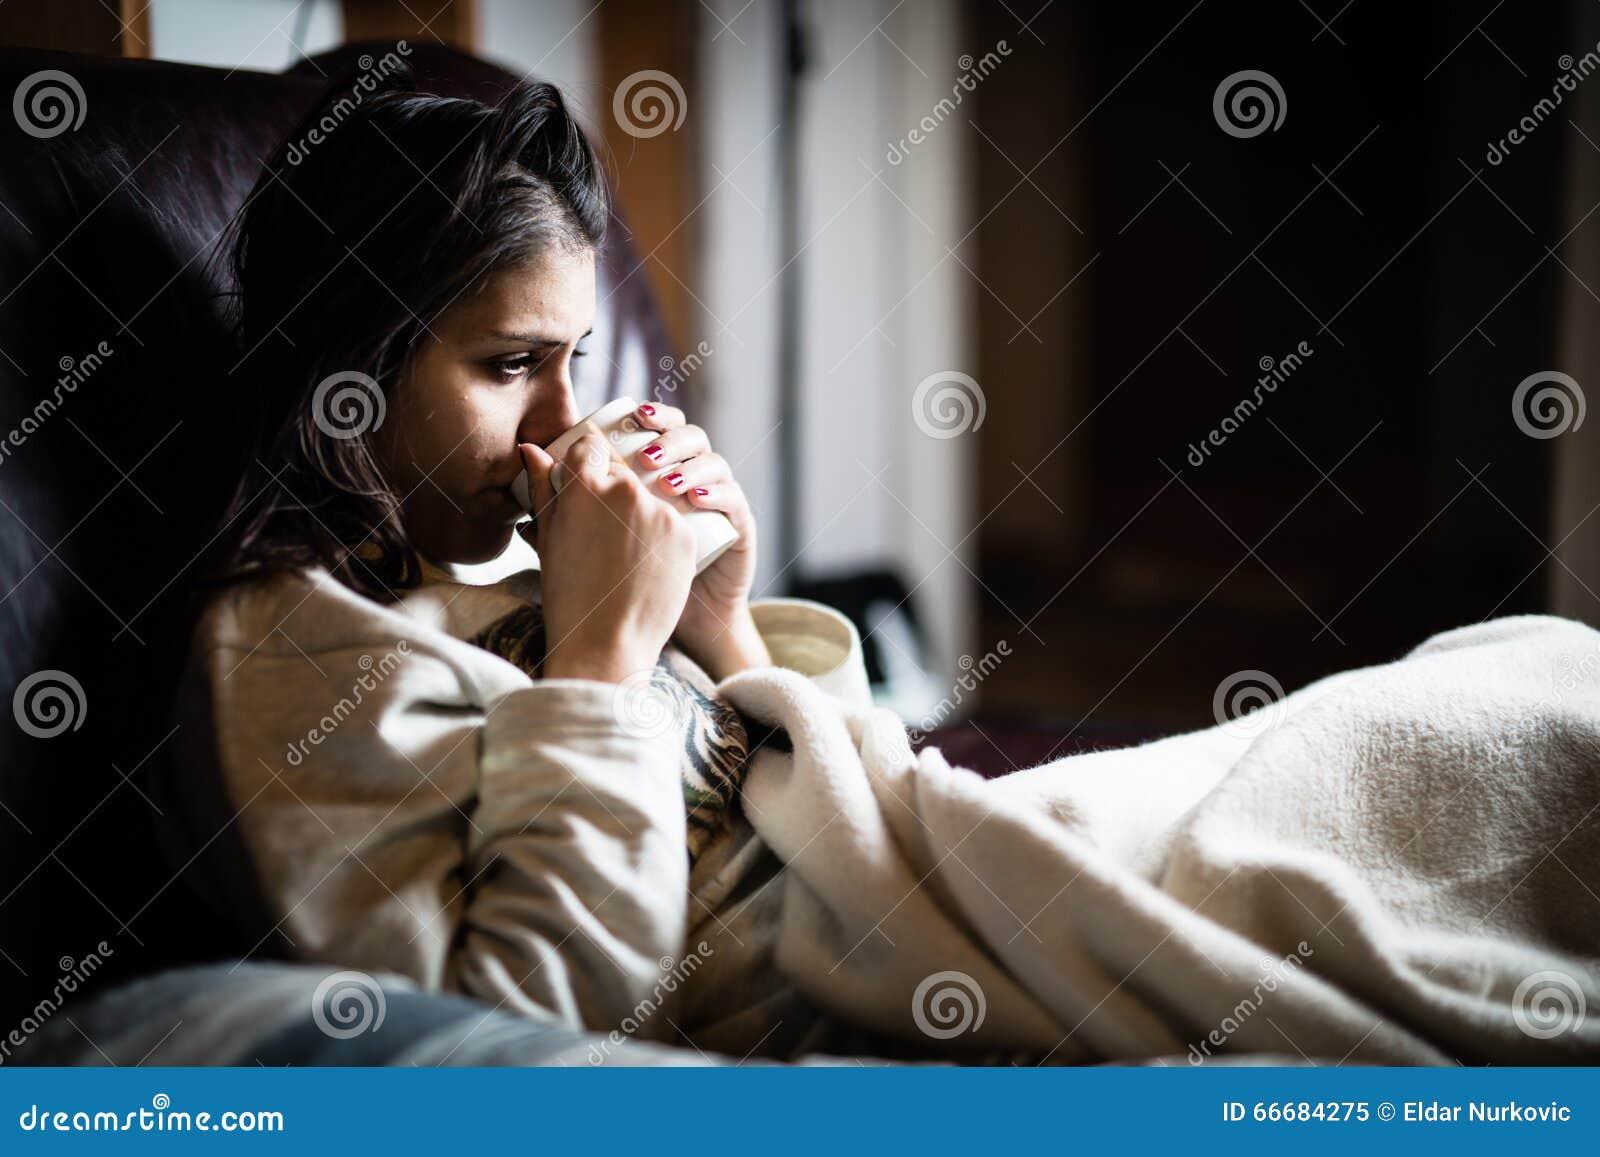 femme malade dans le lit appelant dans le malade jour de cong de travail tisane potable. Black Bedroom Furniture Sets. Home Design Ideas